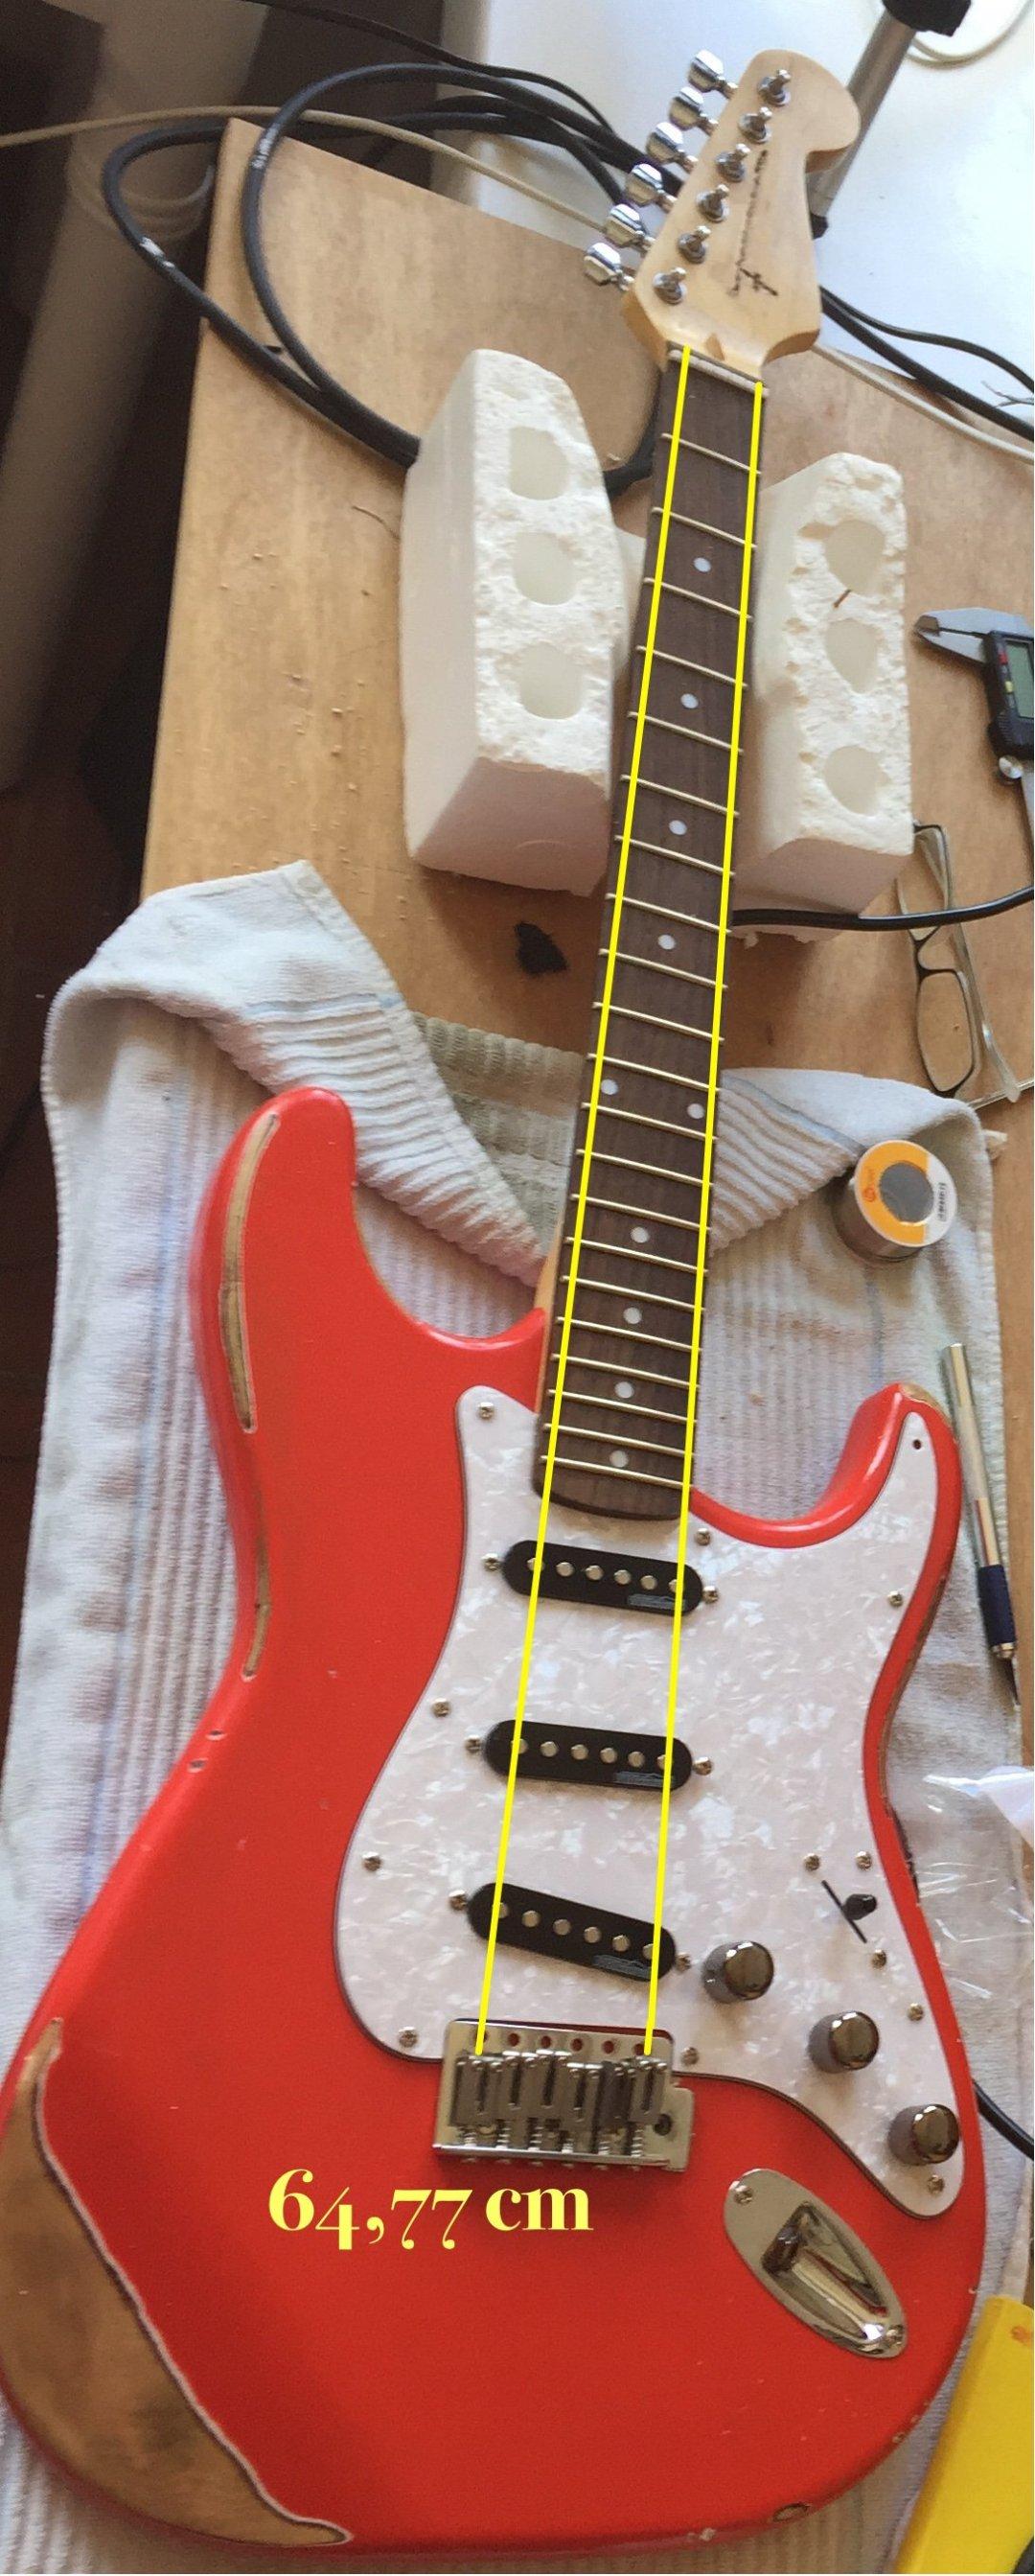 El mástil de la guitarra explicado. (Parte I) | Aprendiz de Luthier